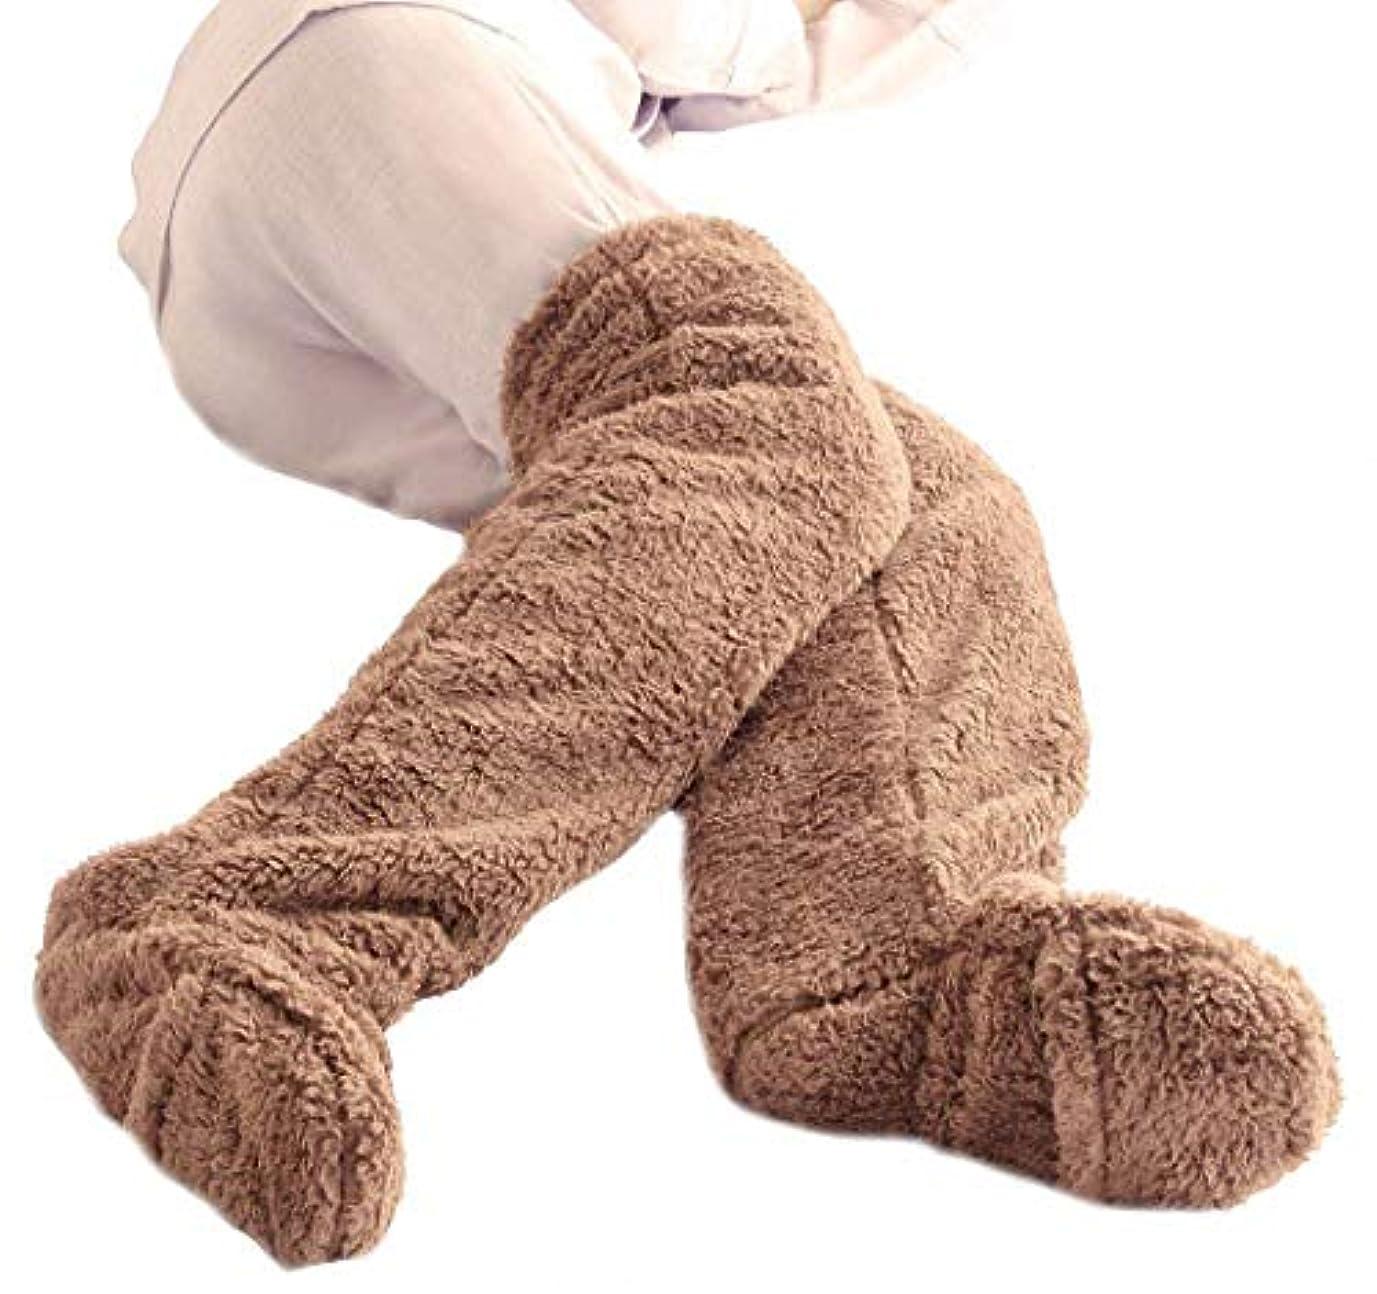 スケジュールモトリー軽減フリース生地 室内履き 足が出せるロングカバー 軽量ヒートソックス 歩ける ロングカバー 極暖 ルームソックスルームシューズ